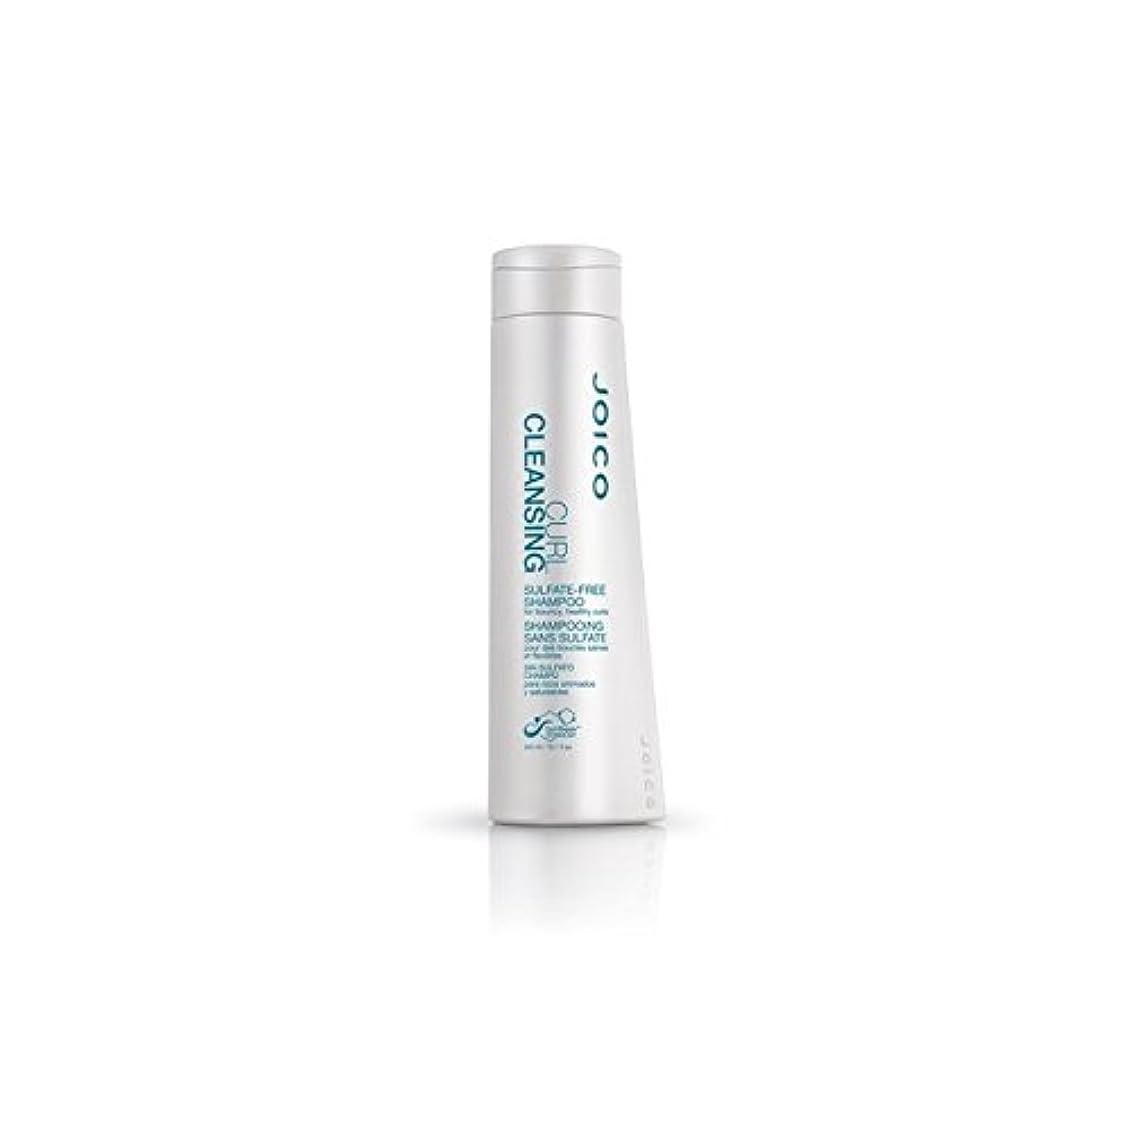 噂エキス紀元前快活、健康カール用ジョイコカールクレンジング硫酸フリーシャンプー(300ミリリットル) x2 - Joico Curl Cleansing Sulfate-Free Shampoo For Bouncy, Healthy Curls (300ml) (Pack of 2) [並行輸入品]